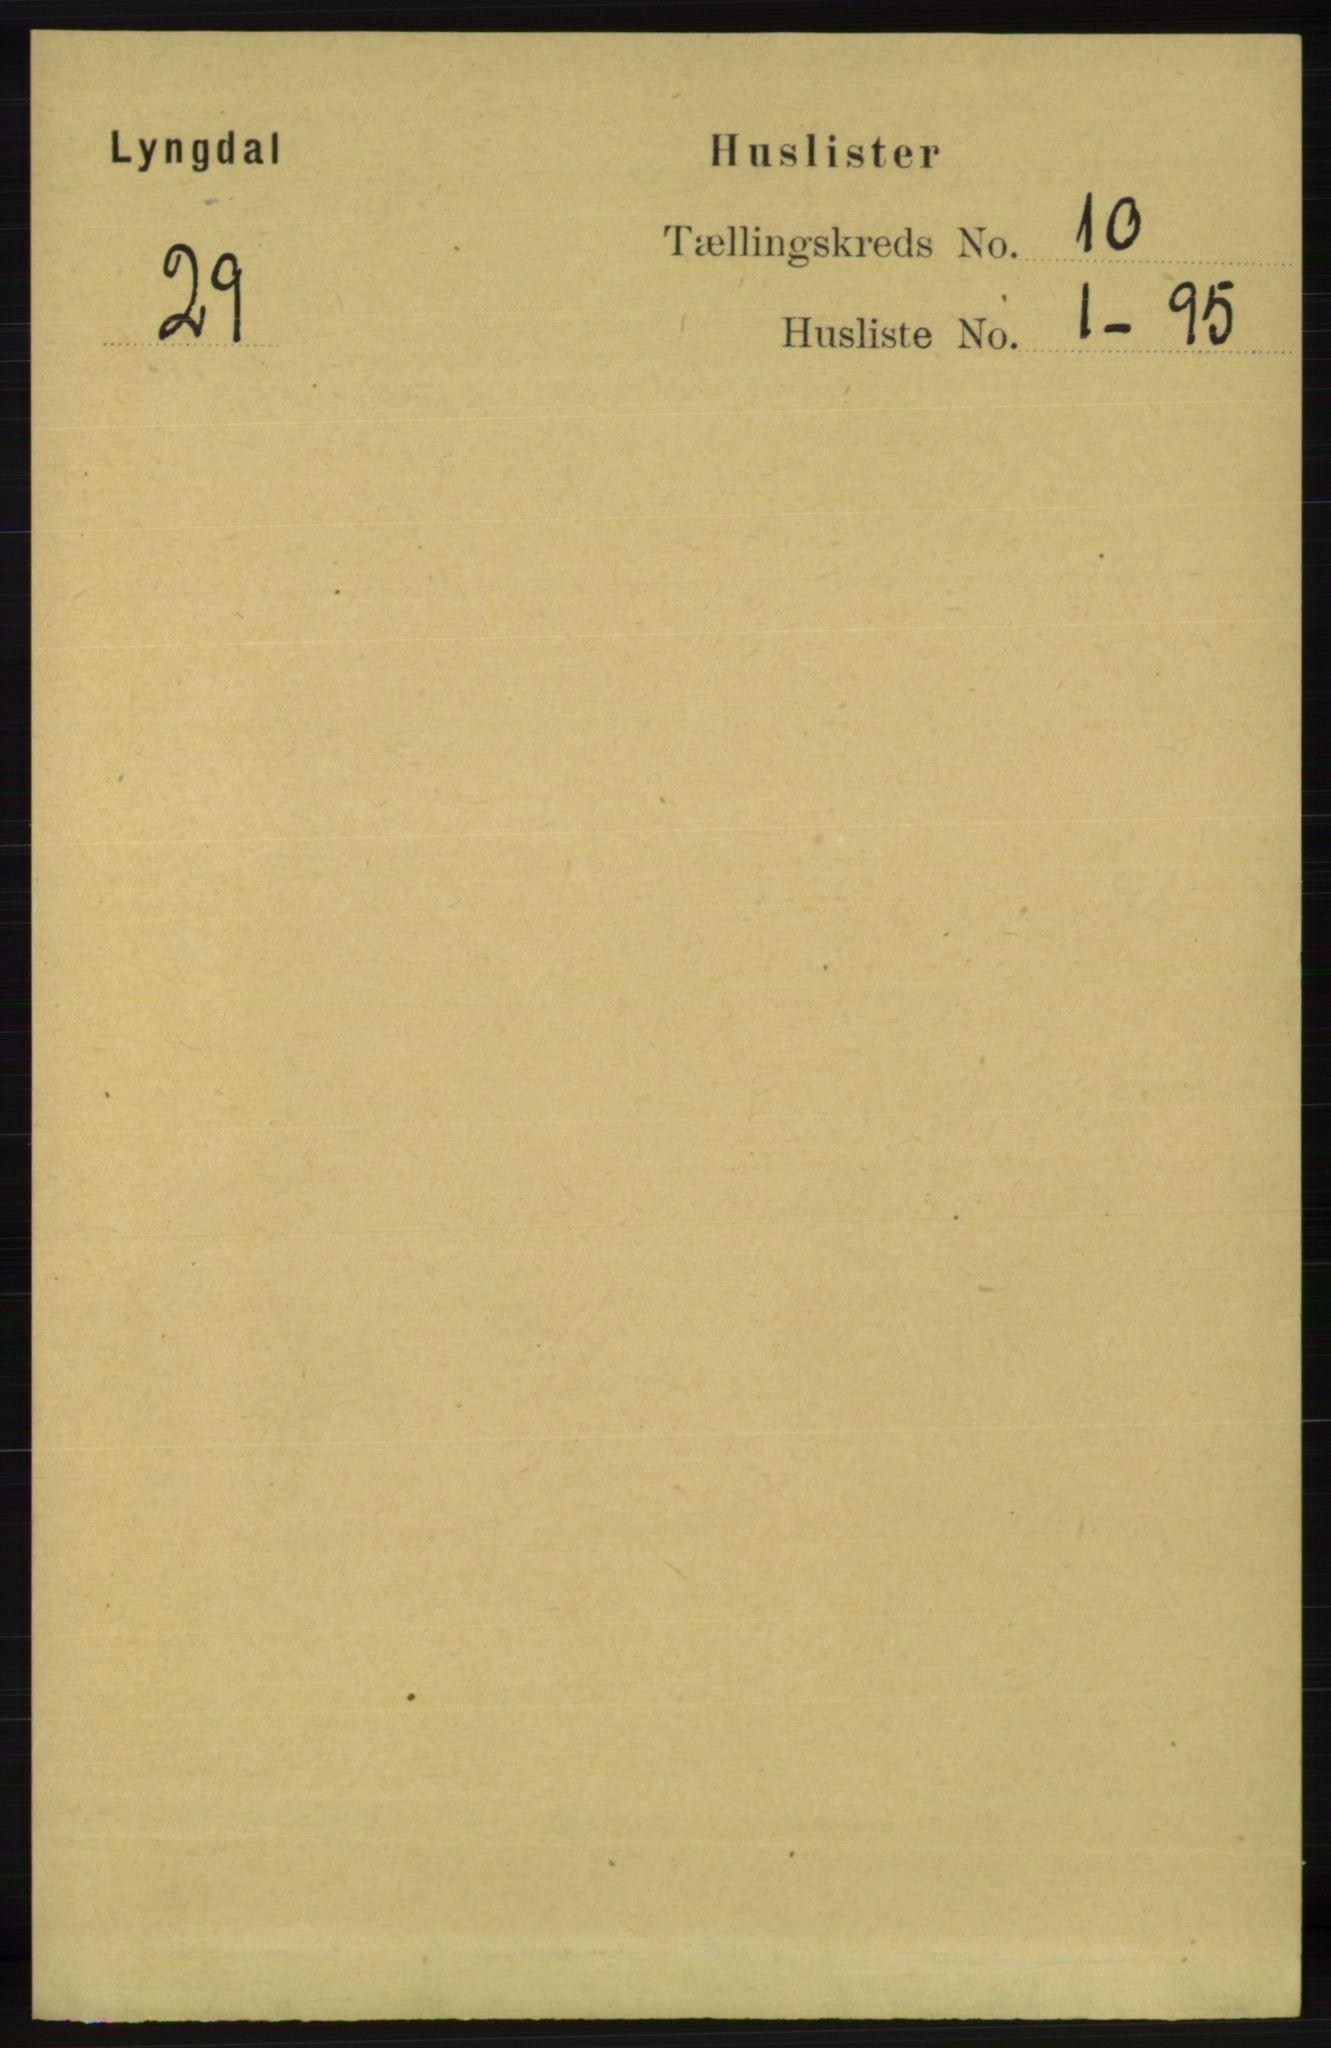 RA, Folketelling 1891 for 1032 Lyngdal herred, 1891, s. 4155